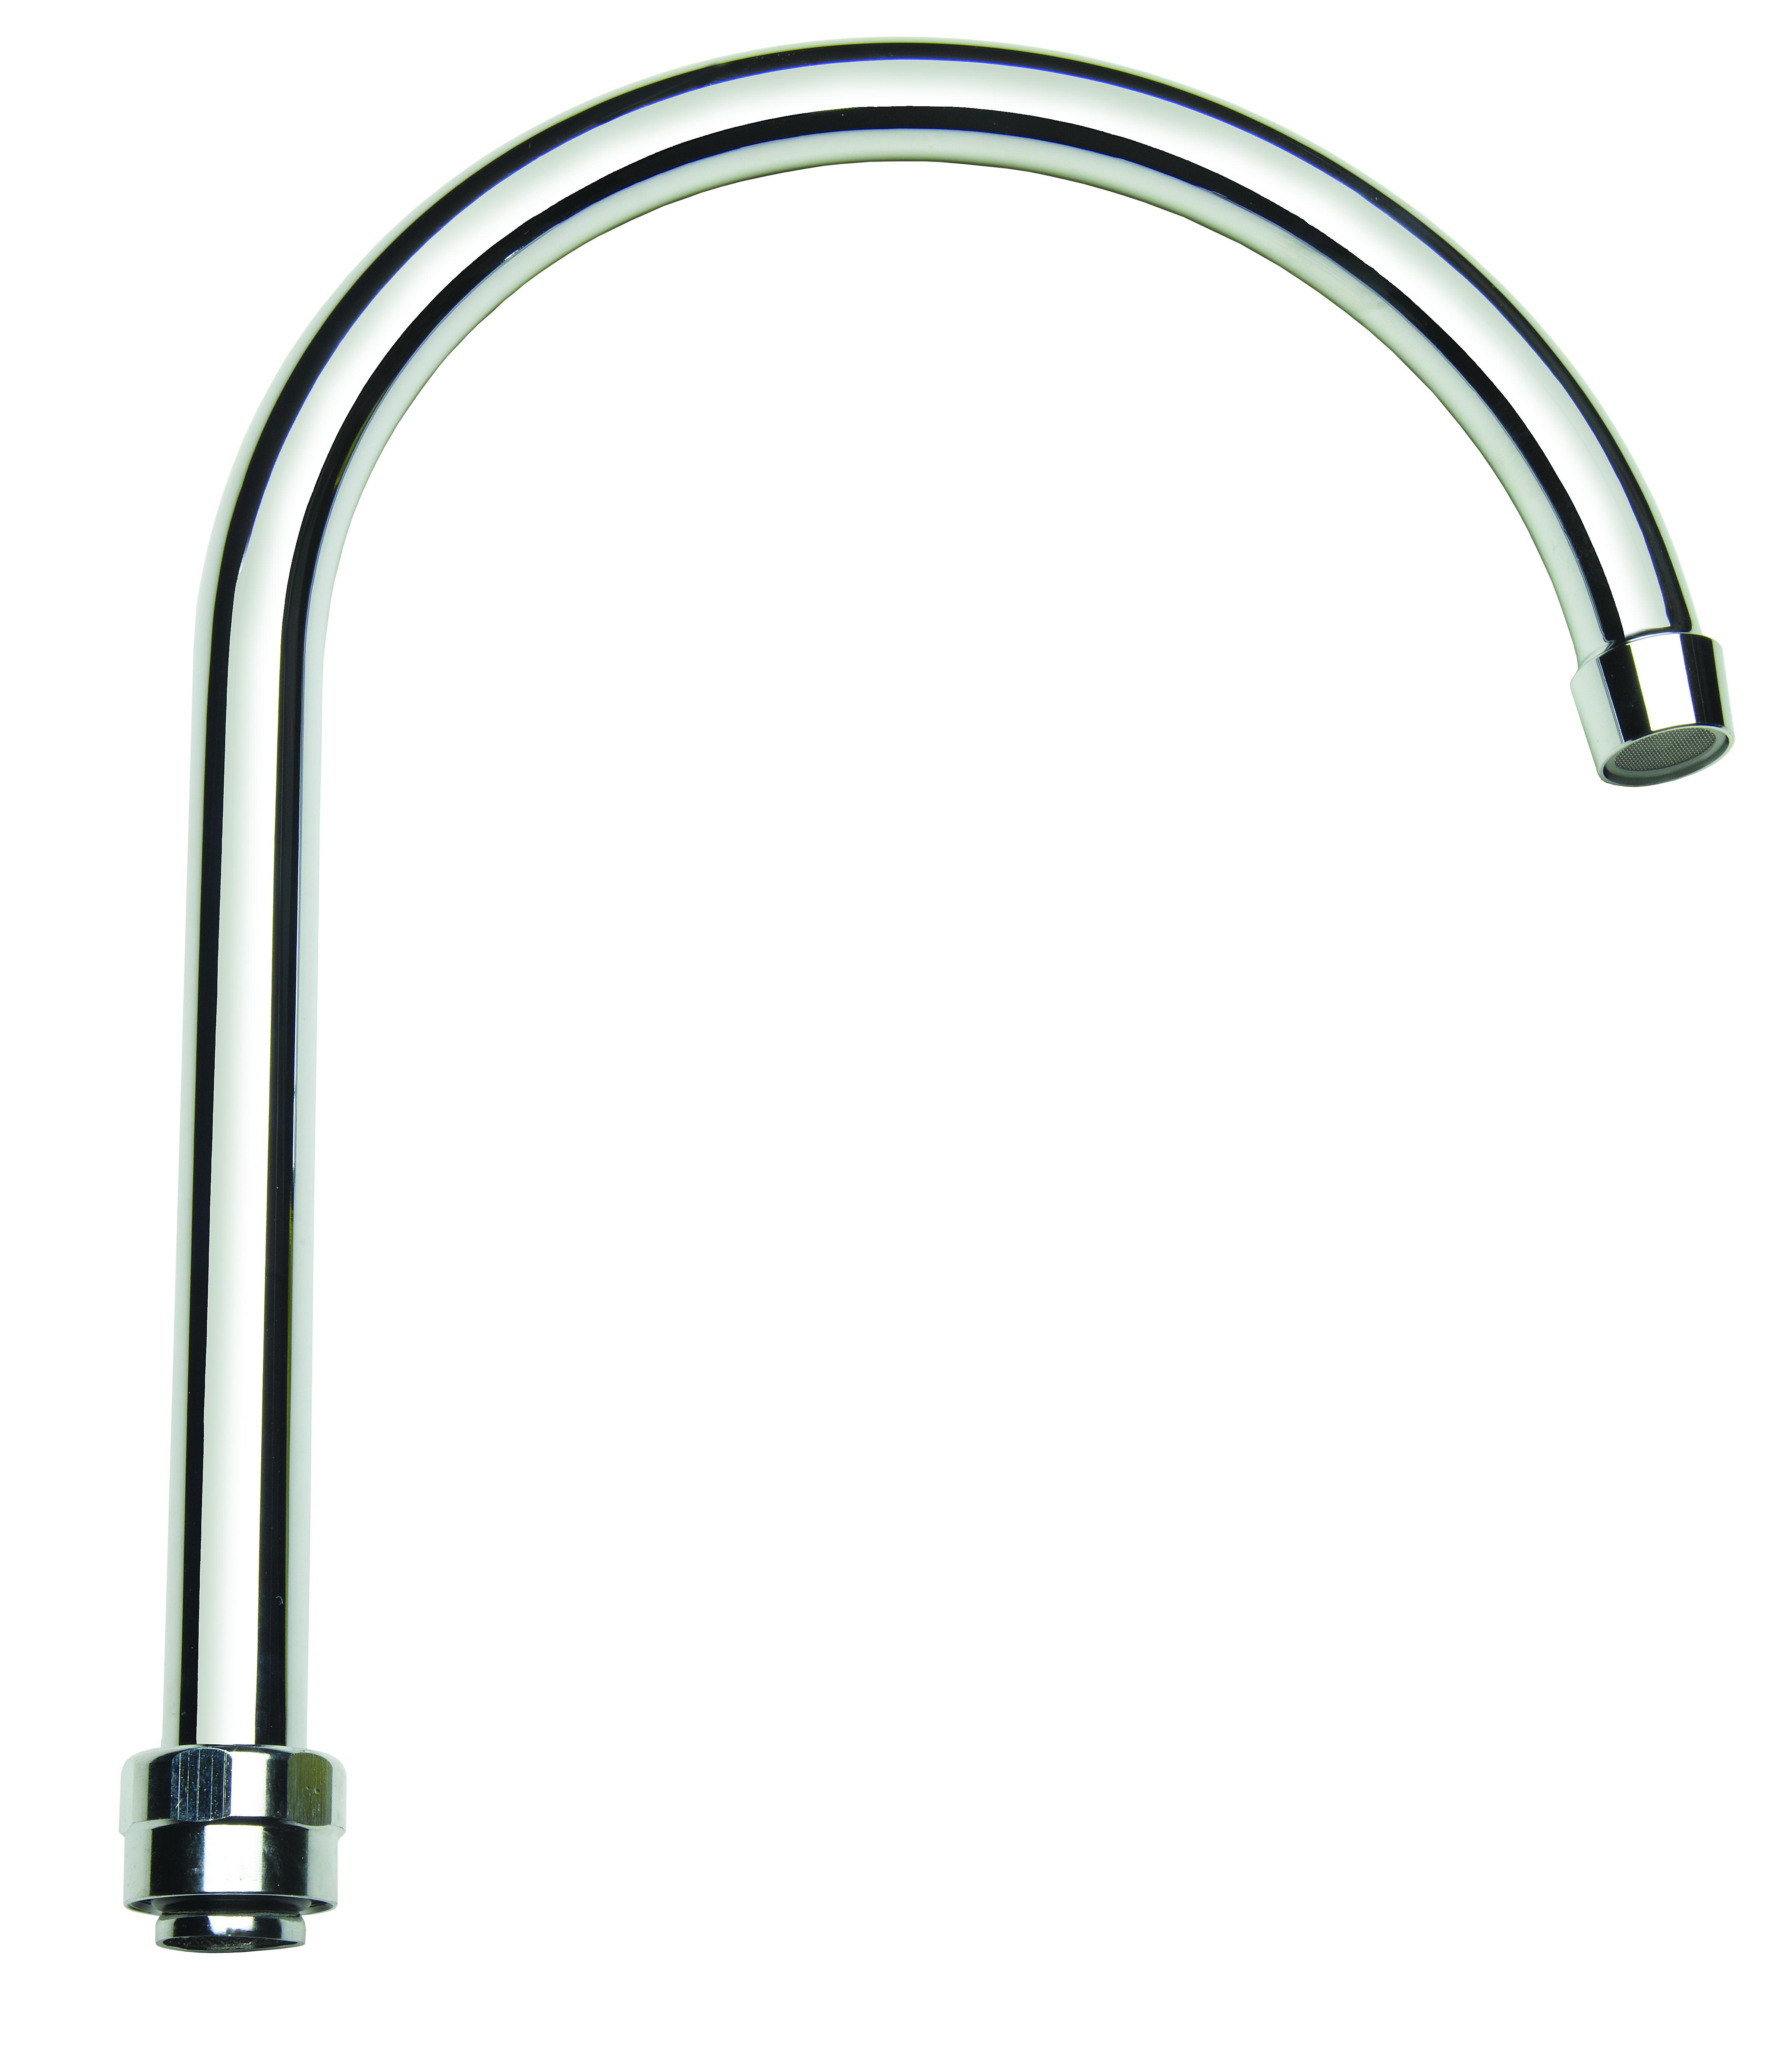 Krowne Metal 19-229L faucet, spout / nozzle